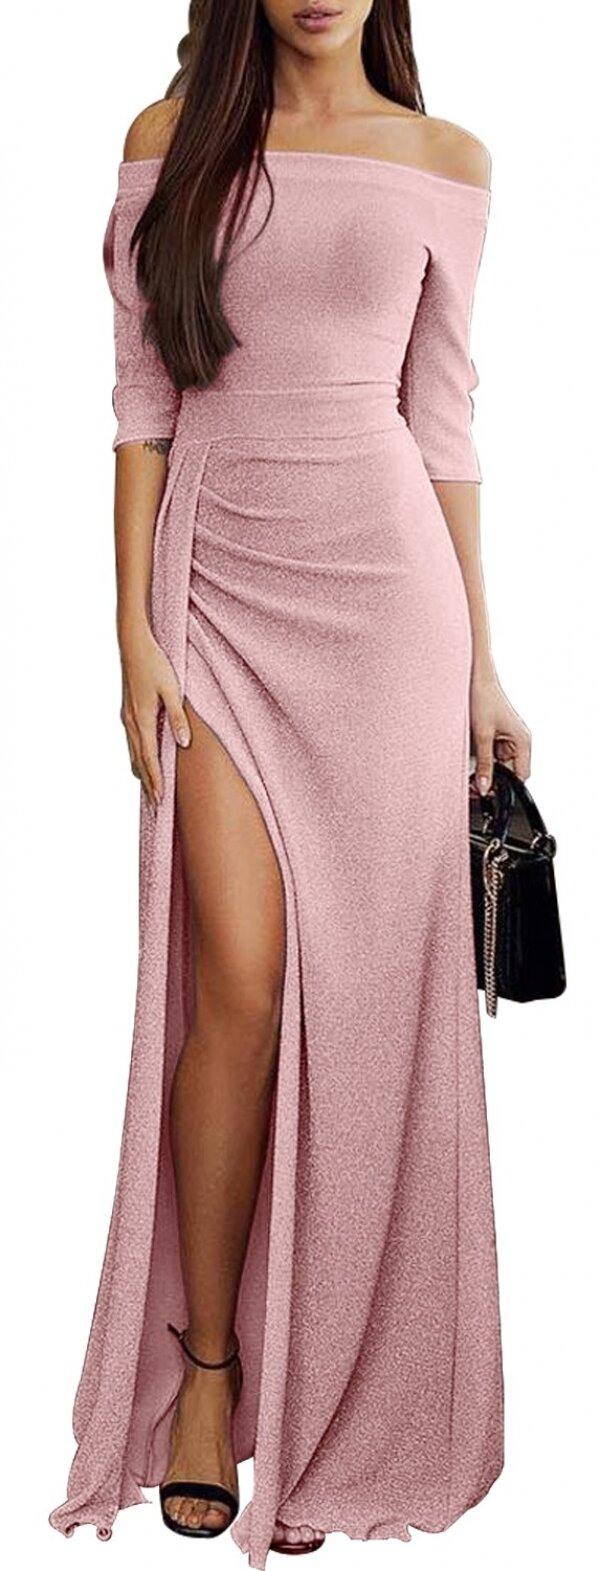 13 Genial Rosa Abend Kleider SpezialgebietFormal Coolste Rosa Abend Kleider Stylish